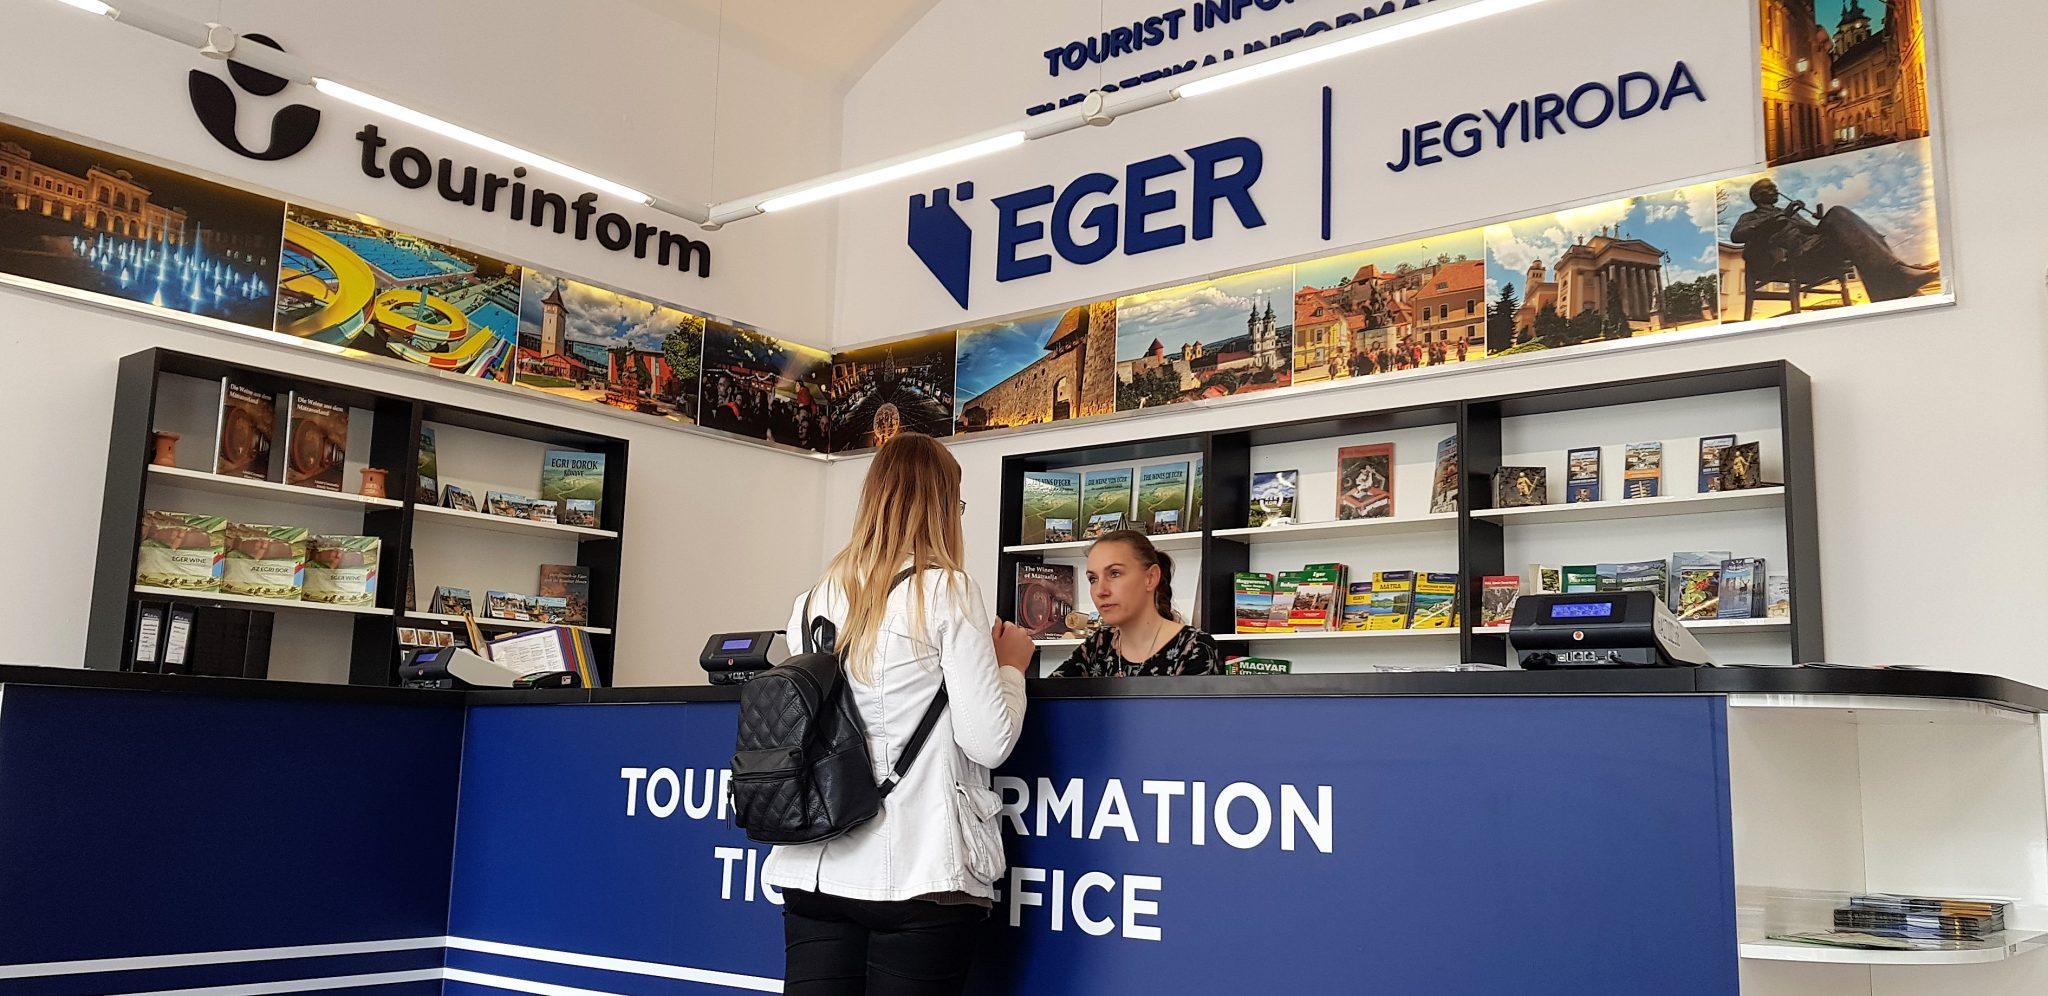 Tourinform iroda, Eger